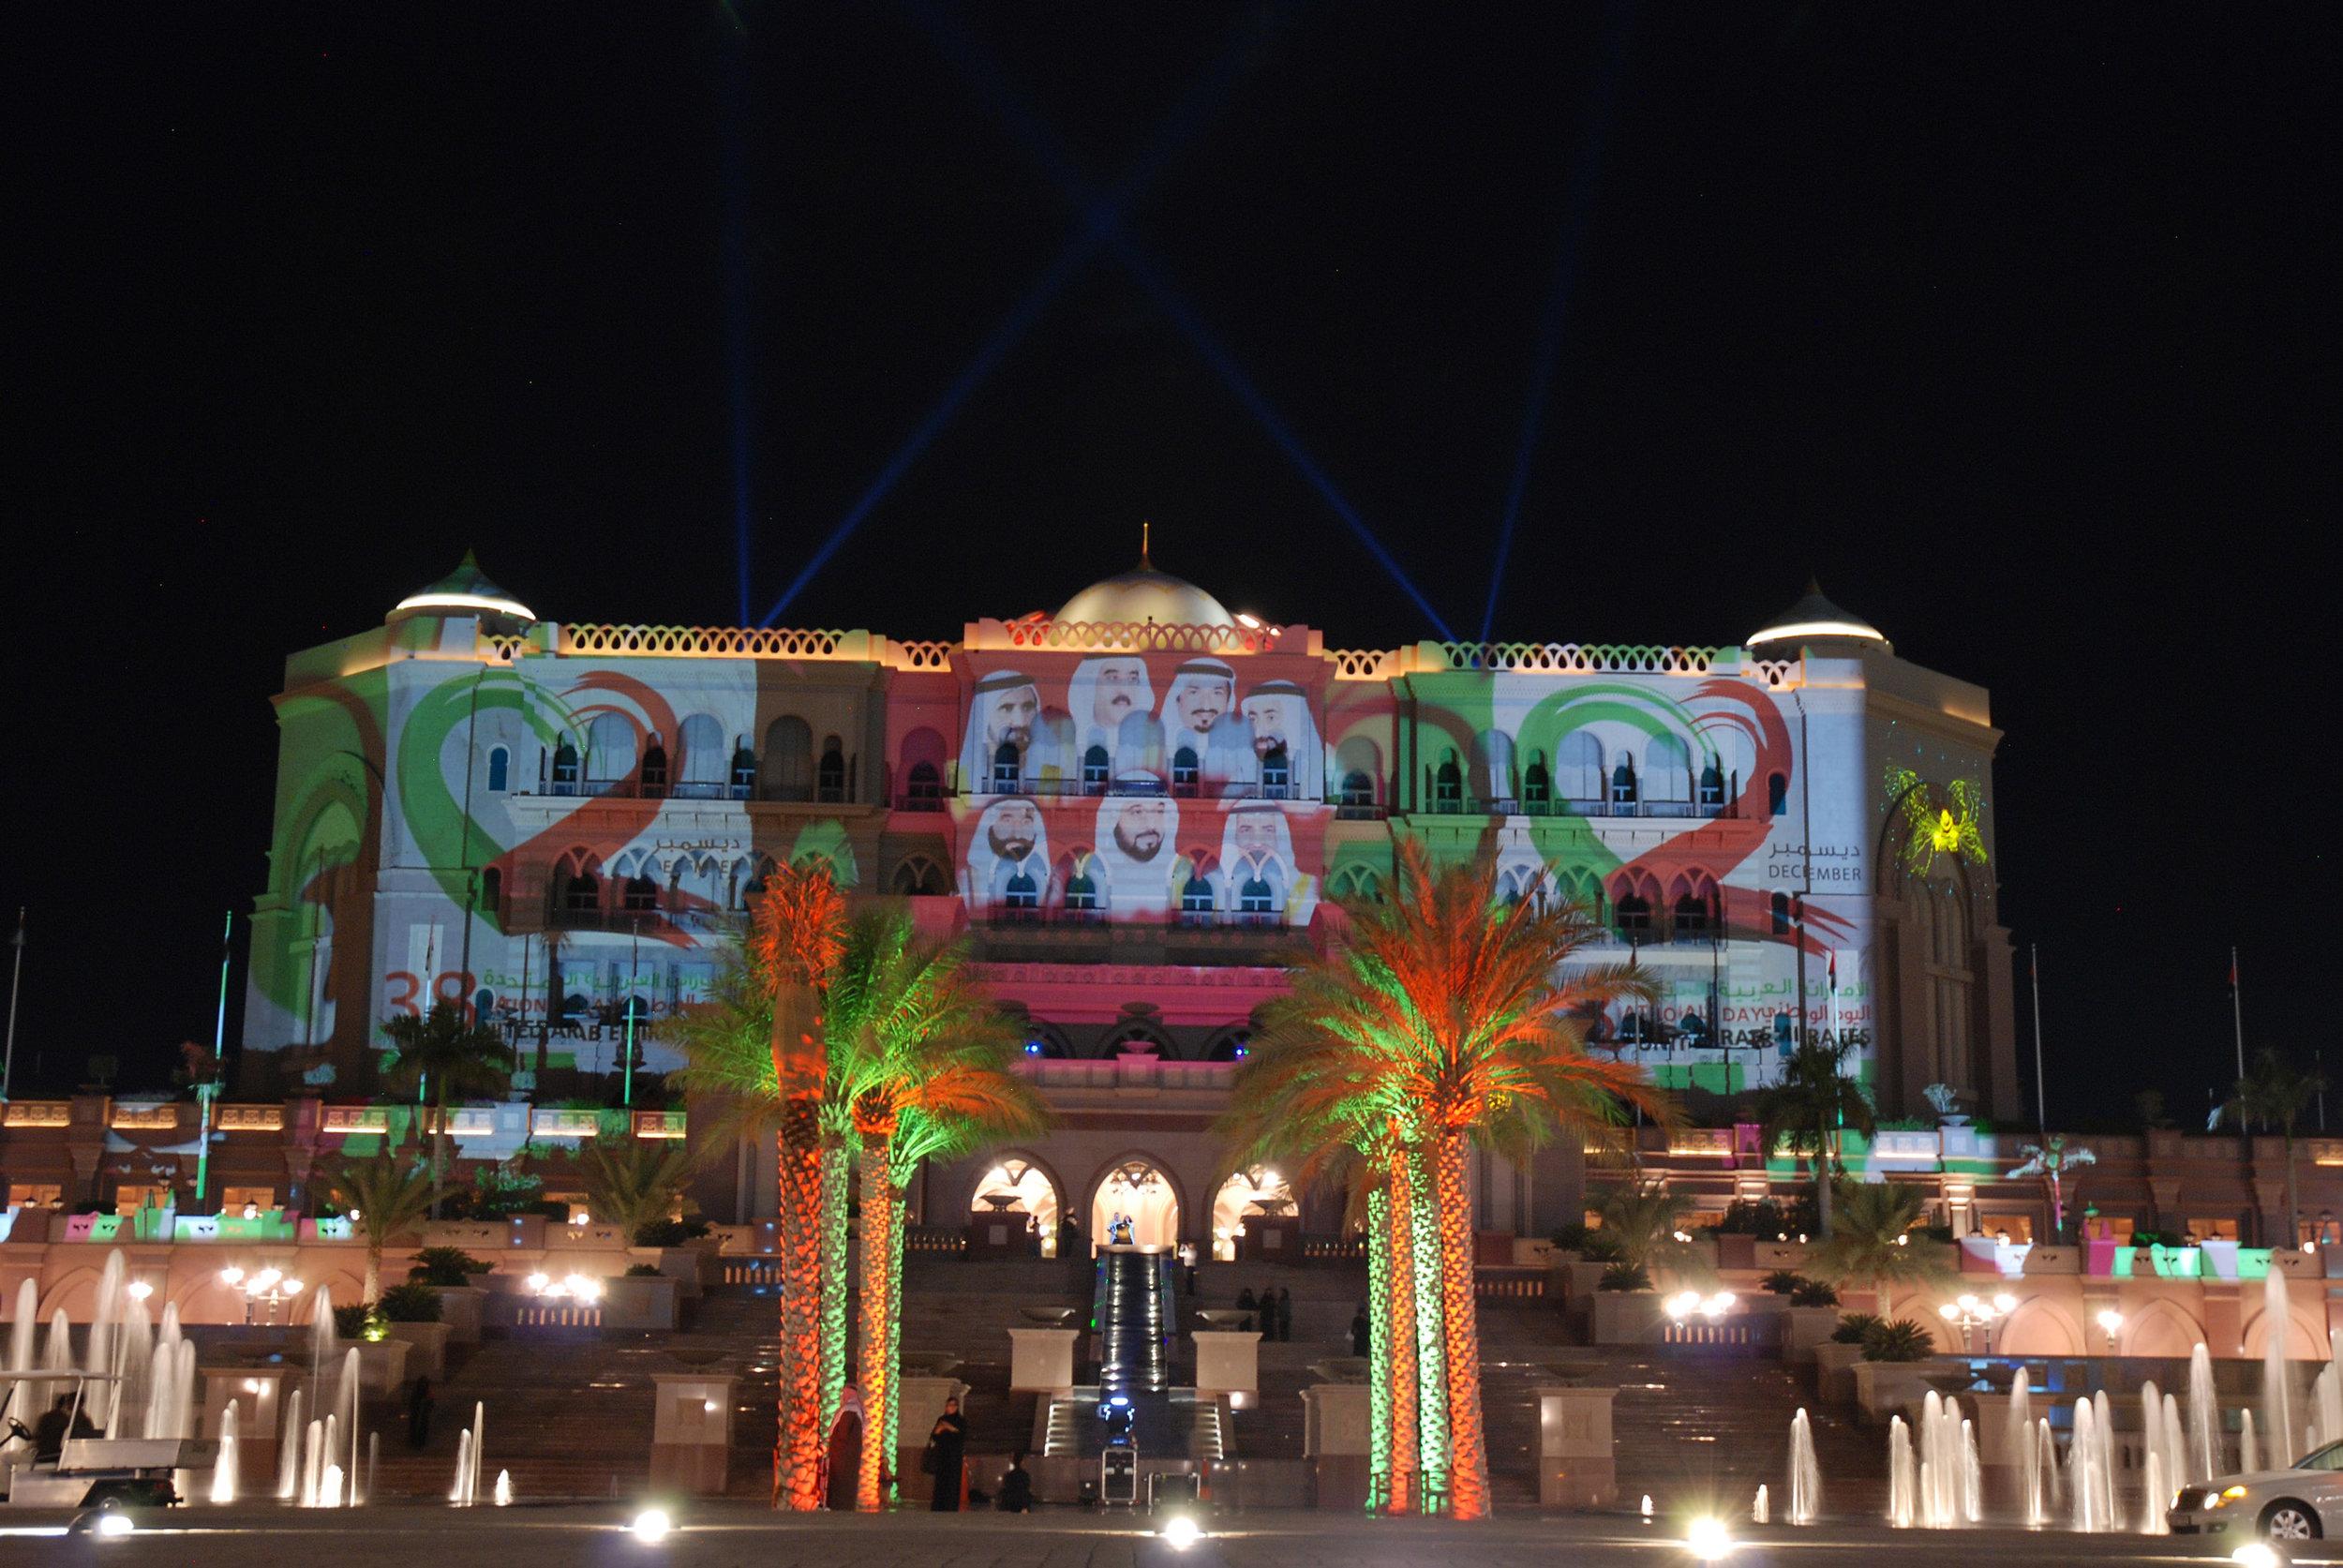 EMIRATES PALACE – ABU DHABI, UAE